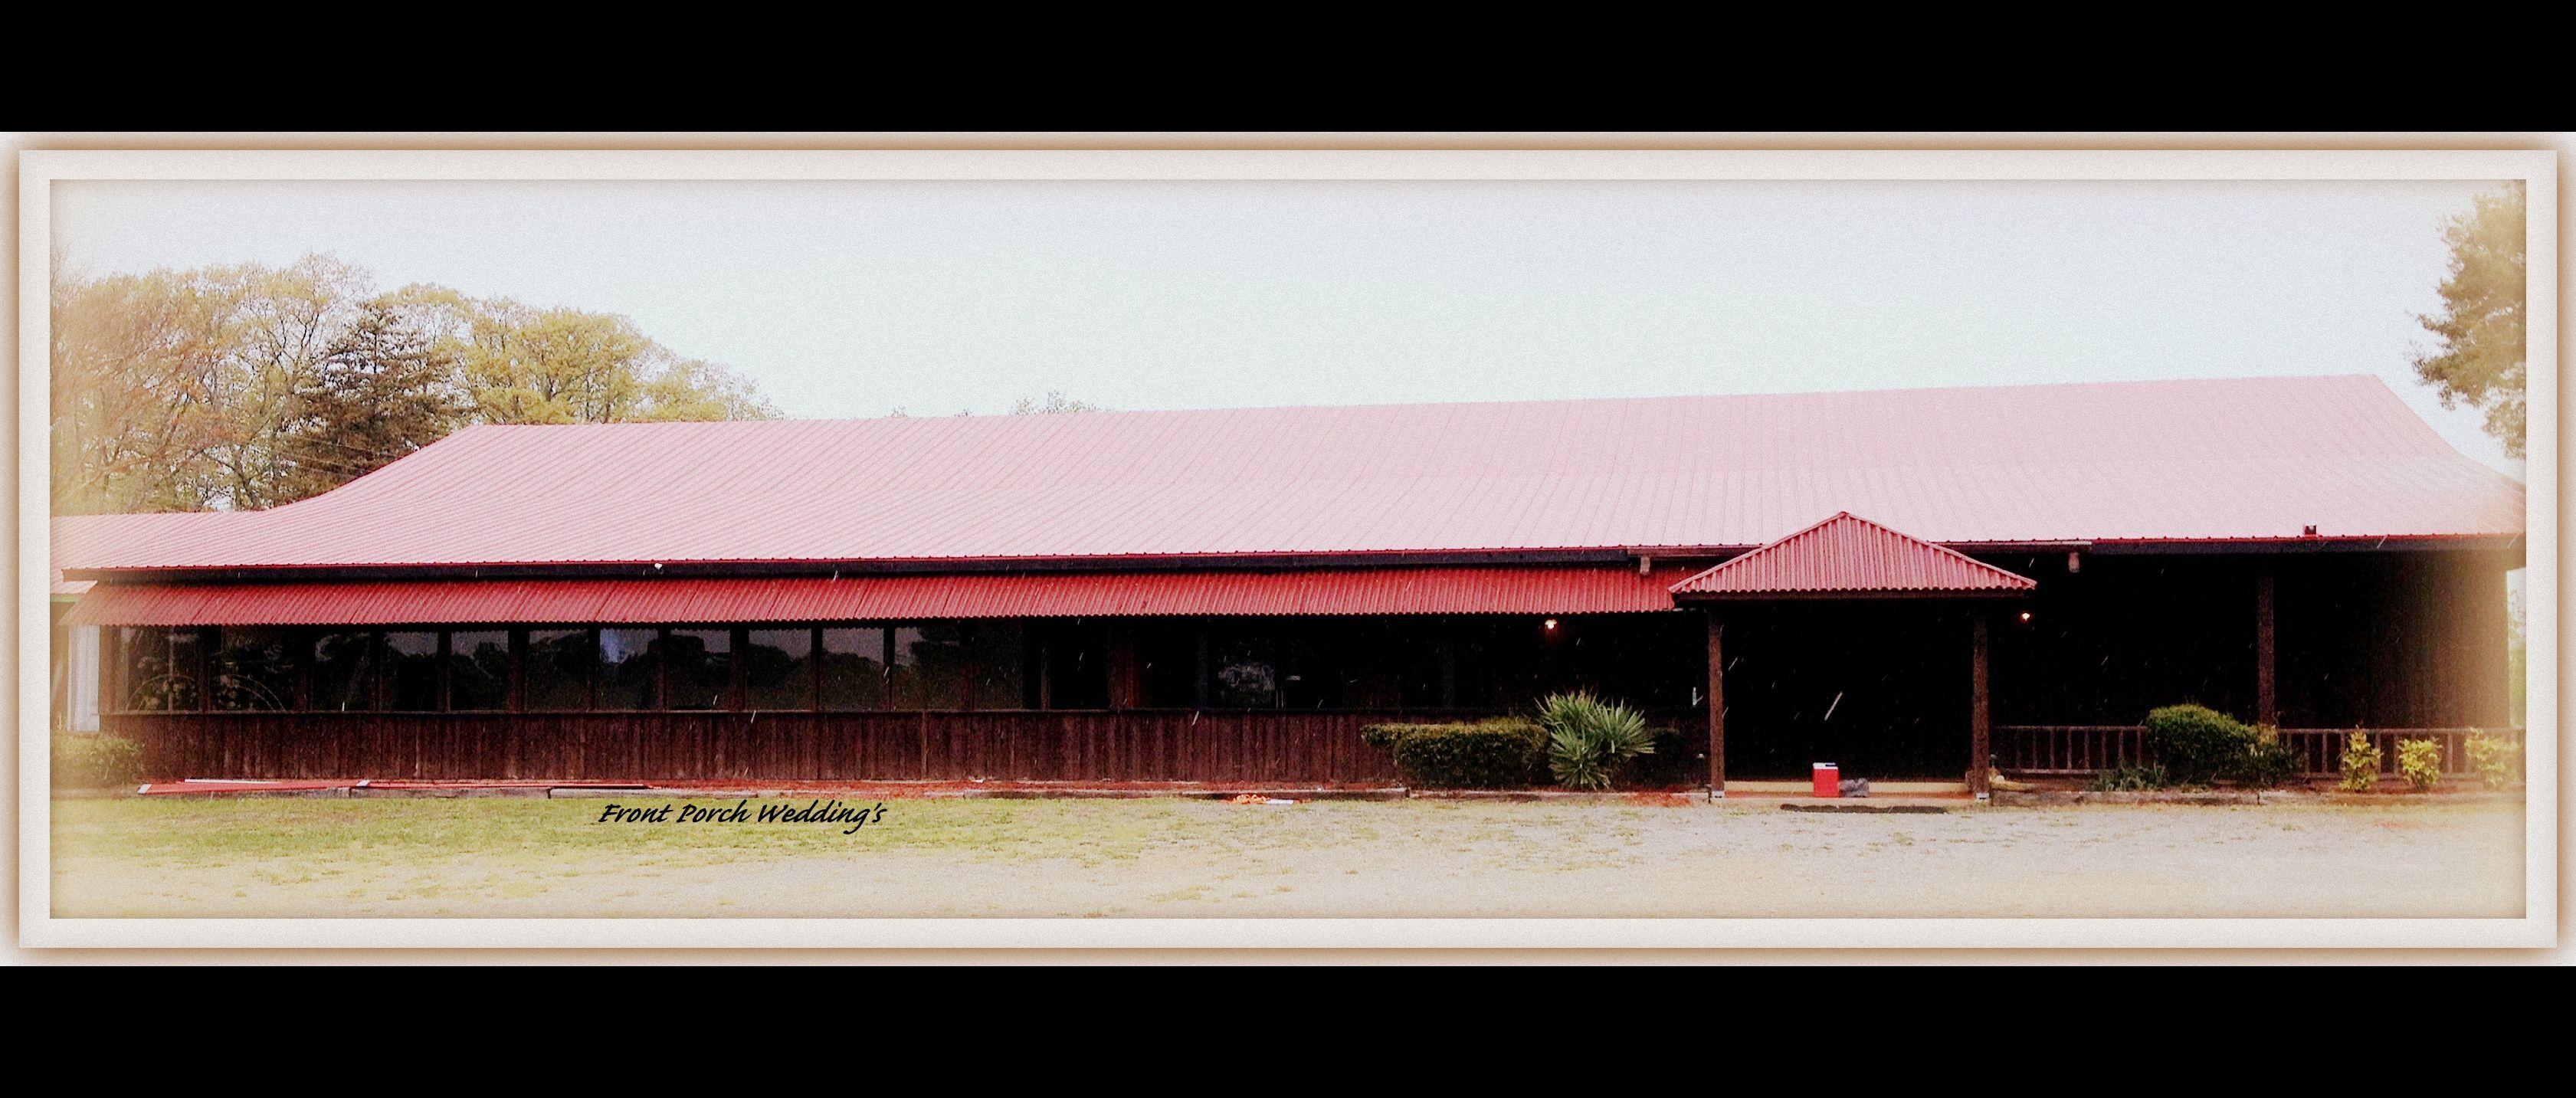 Rustic Wedding Venue Located In Carrollton Ga